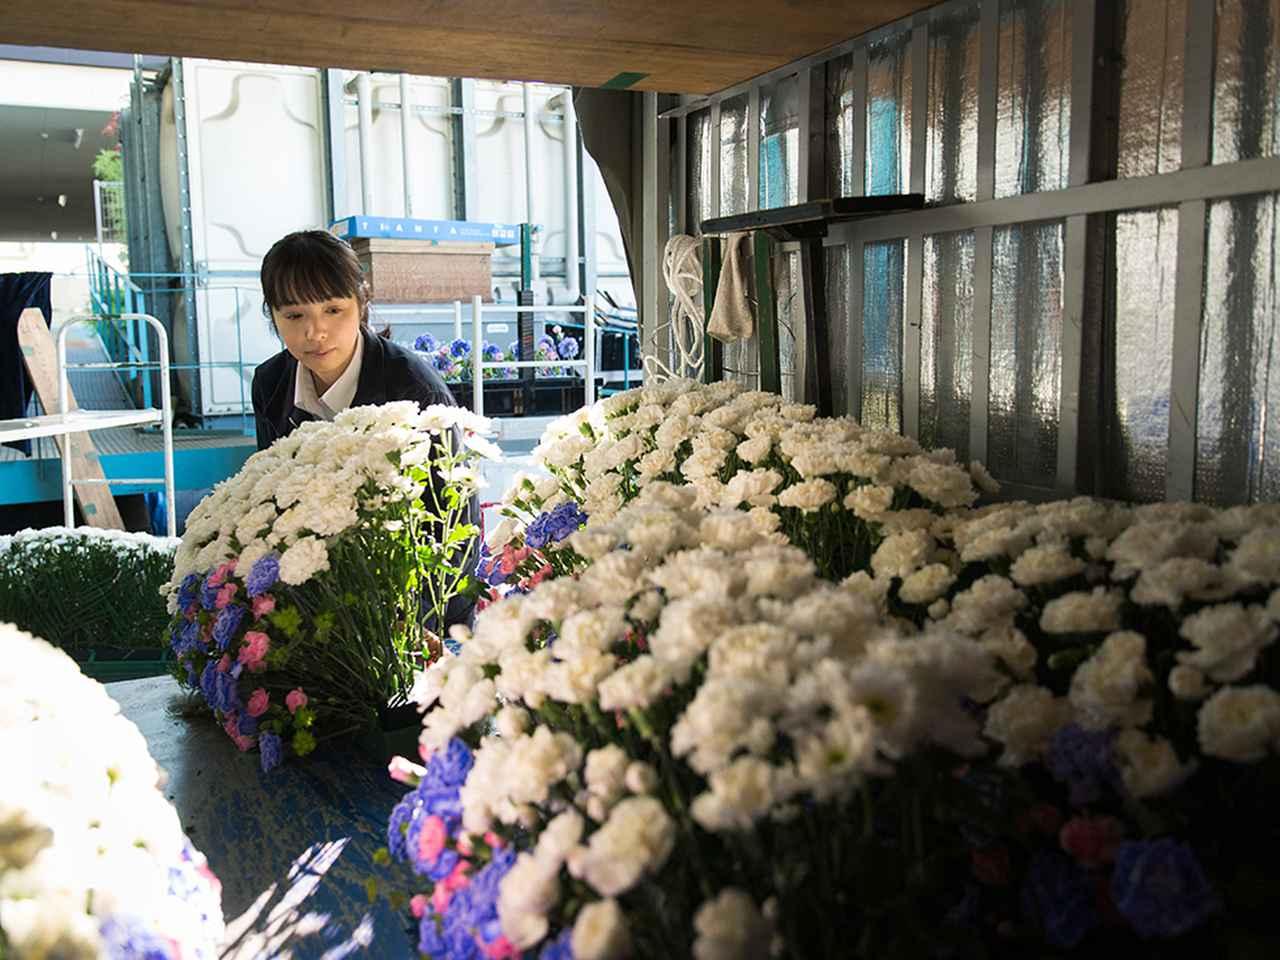 画像: 最後に花を積み込む。 その後、自分でトラックを運転して斎場へ運びこみ、セッティングするまでが一連の流れ